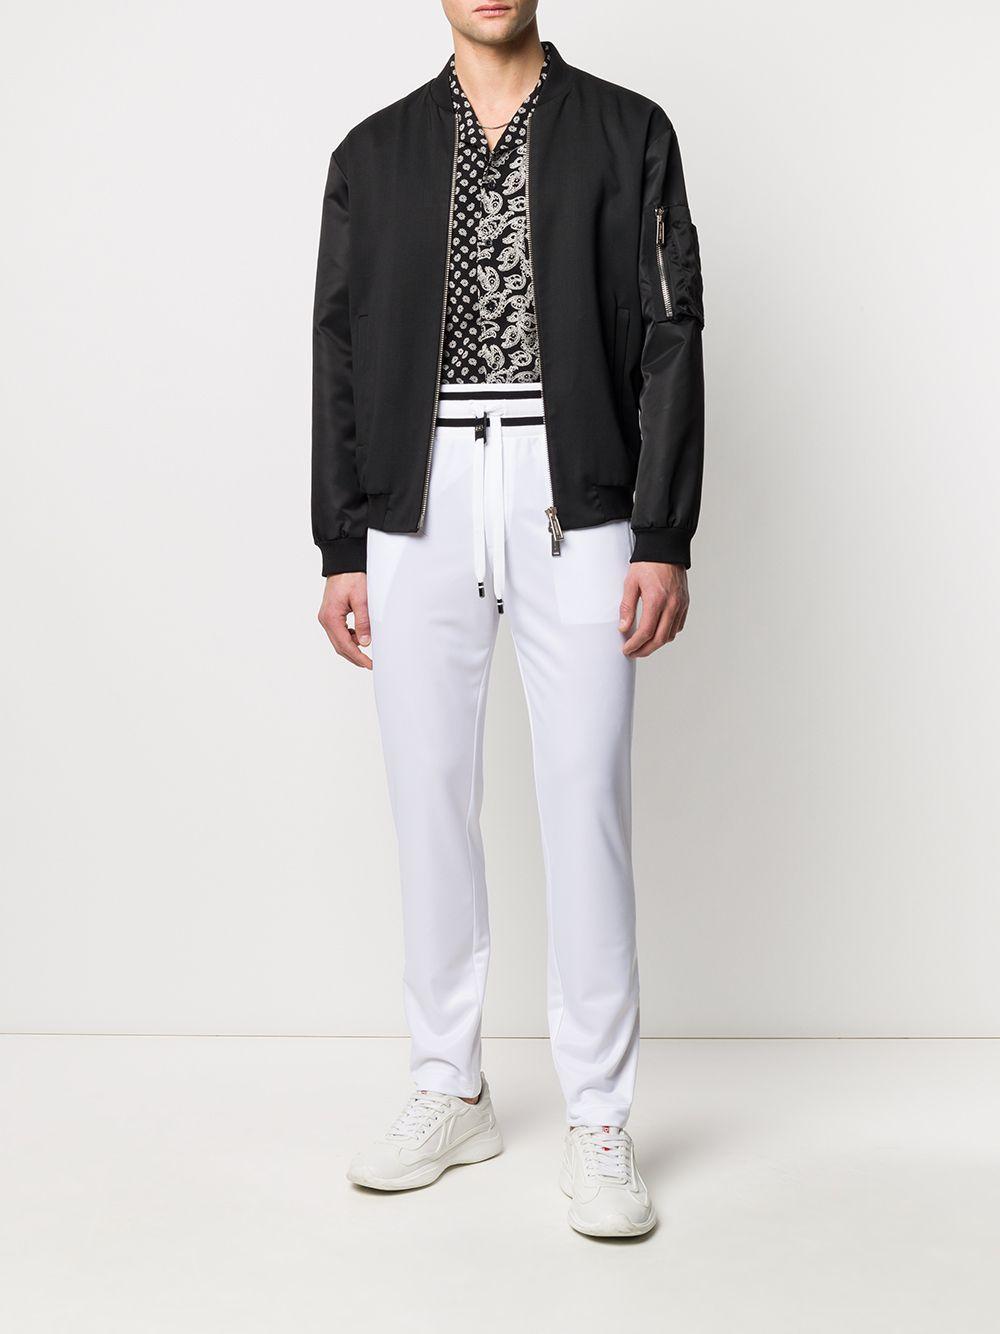 Dolce & Gabbana Synthetisch Trainingsbroek Met Logopatch in het Wit voor heren